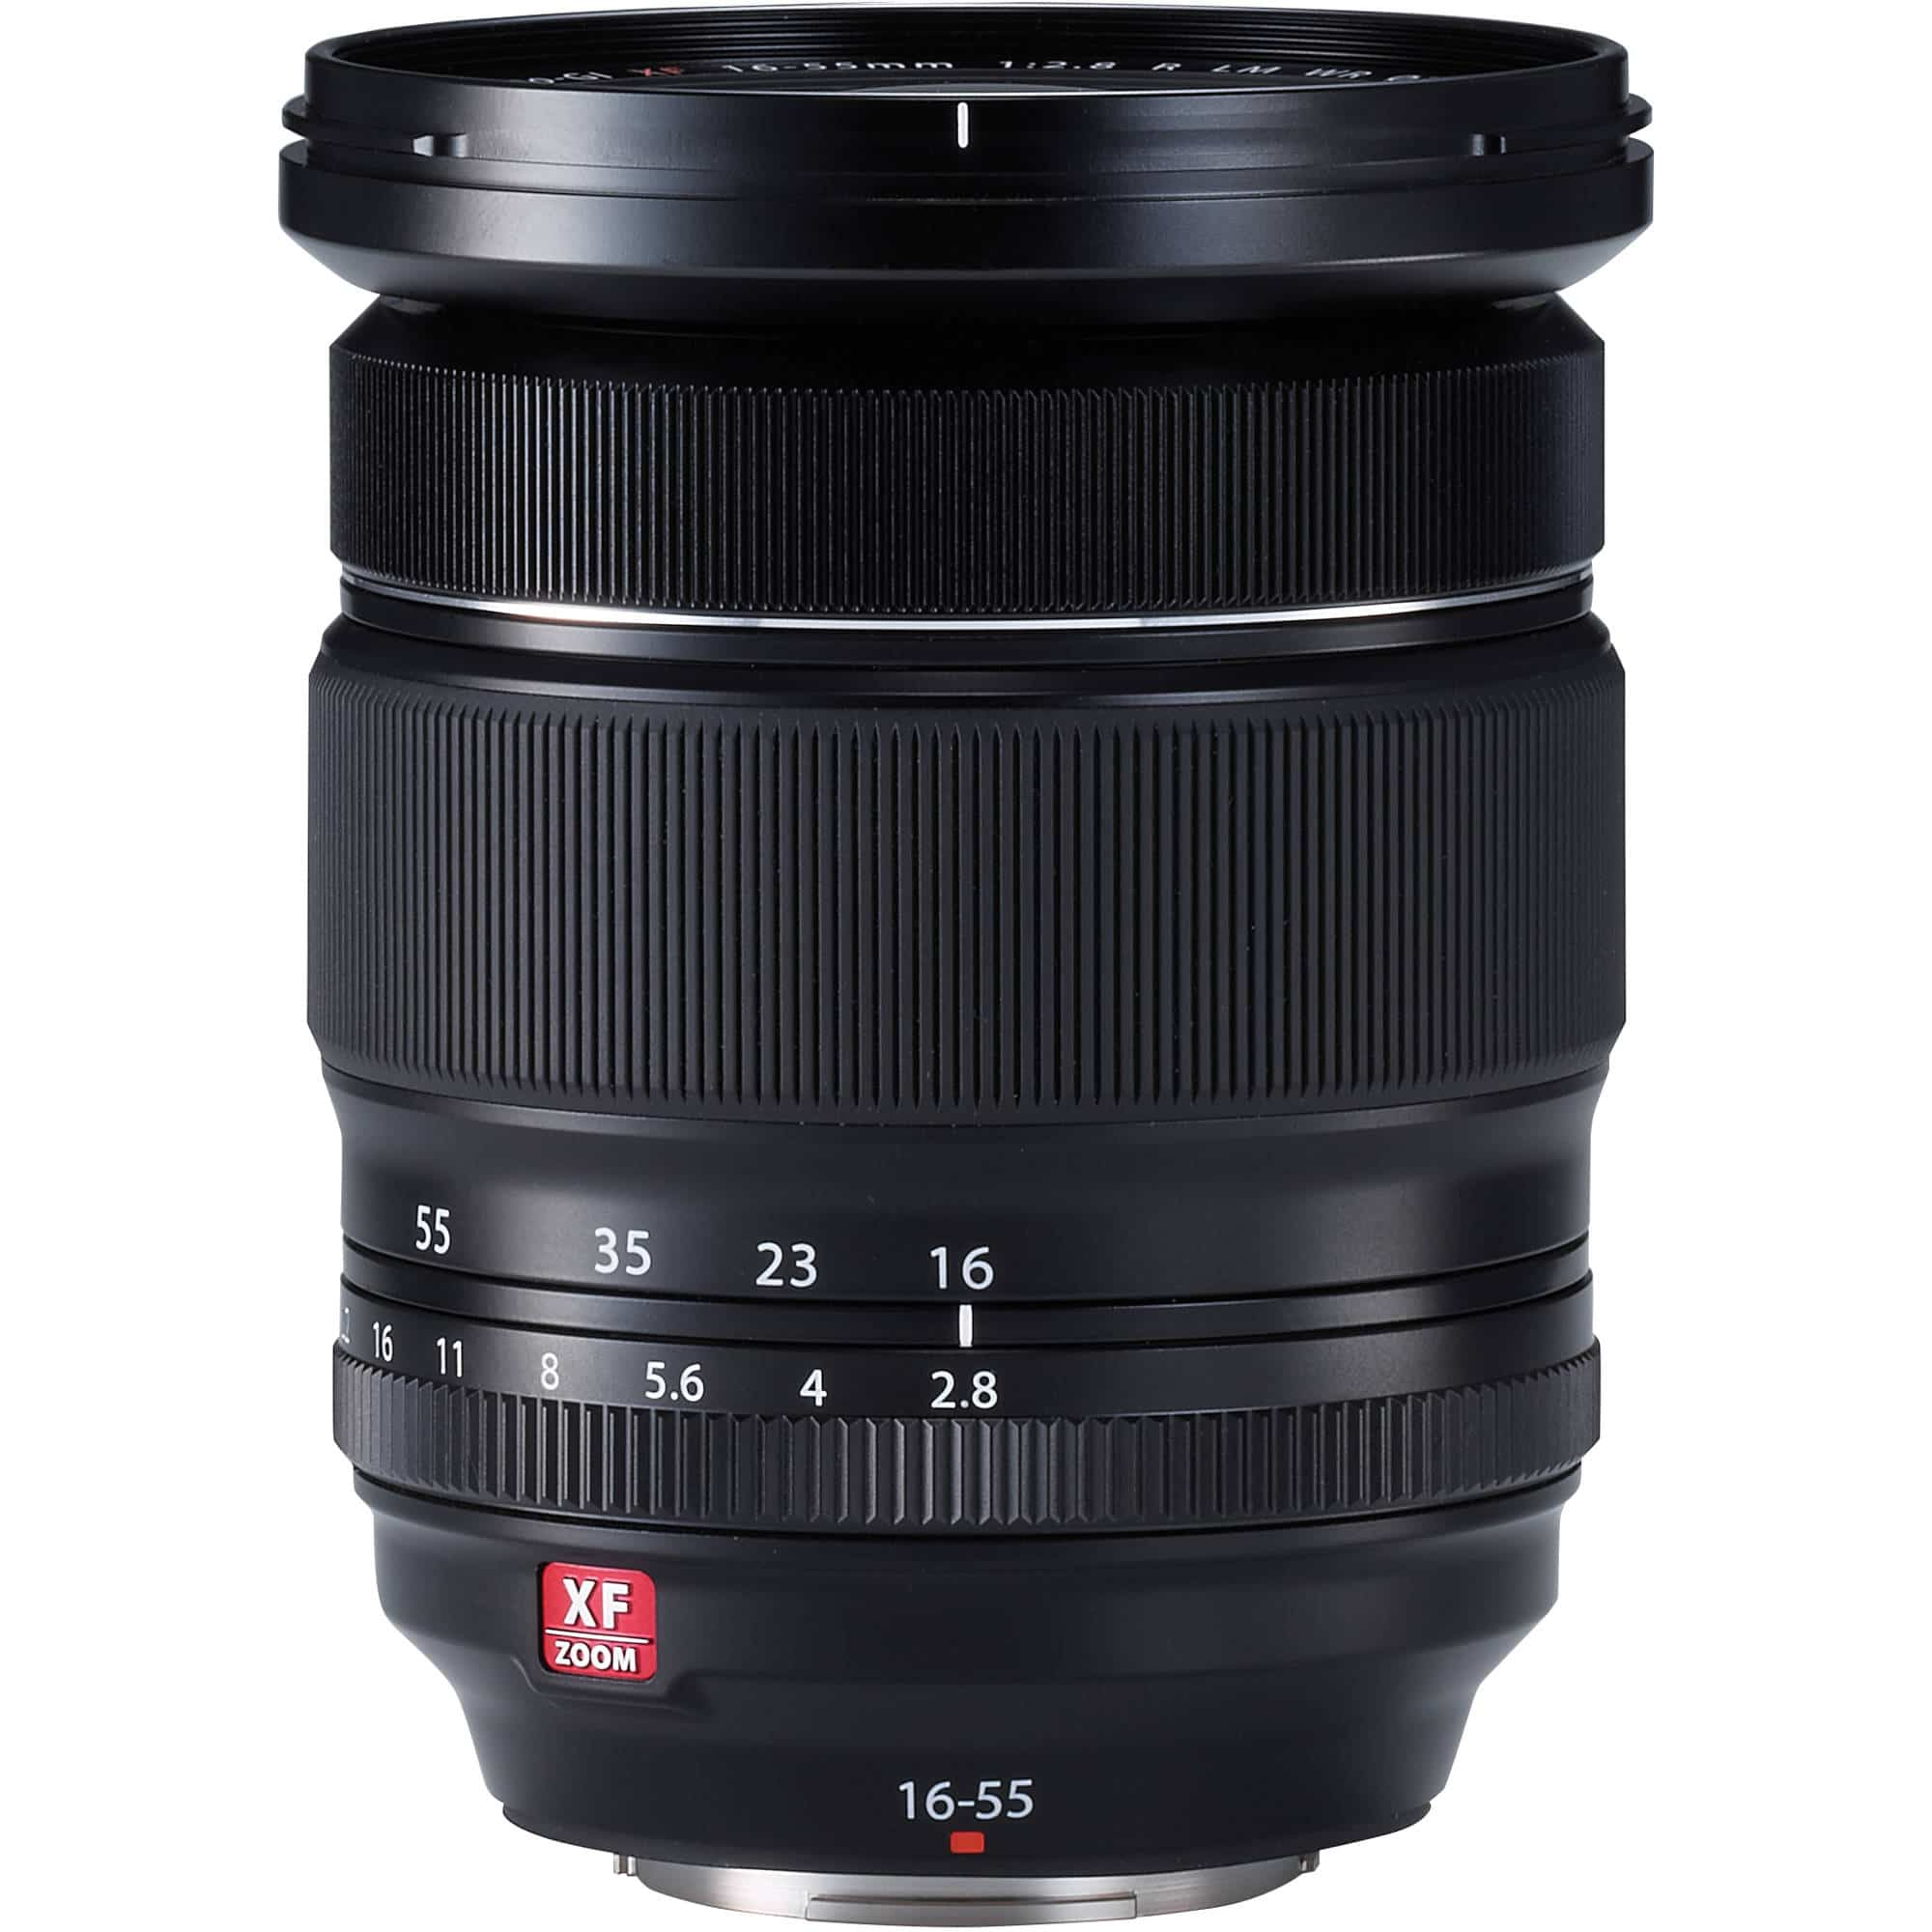 עדשה למצלמה דיגיטלית XF 16-55MM